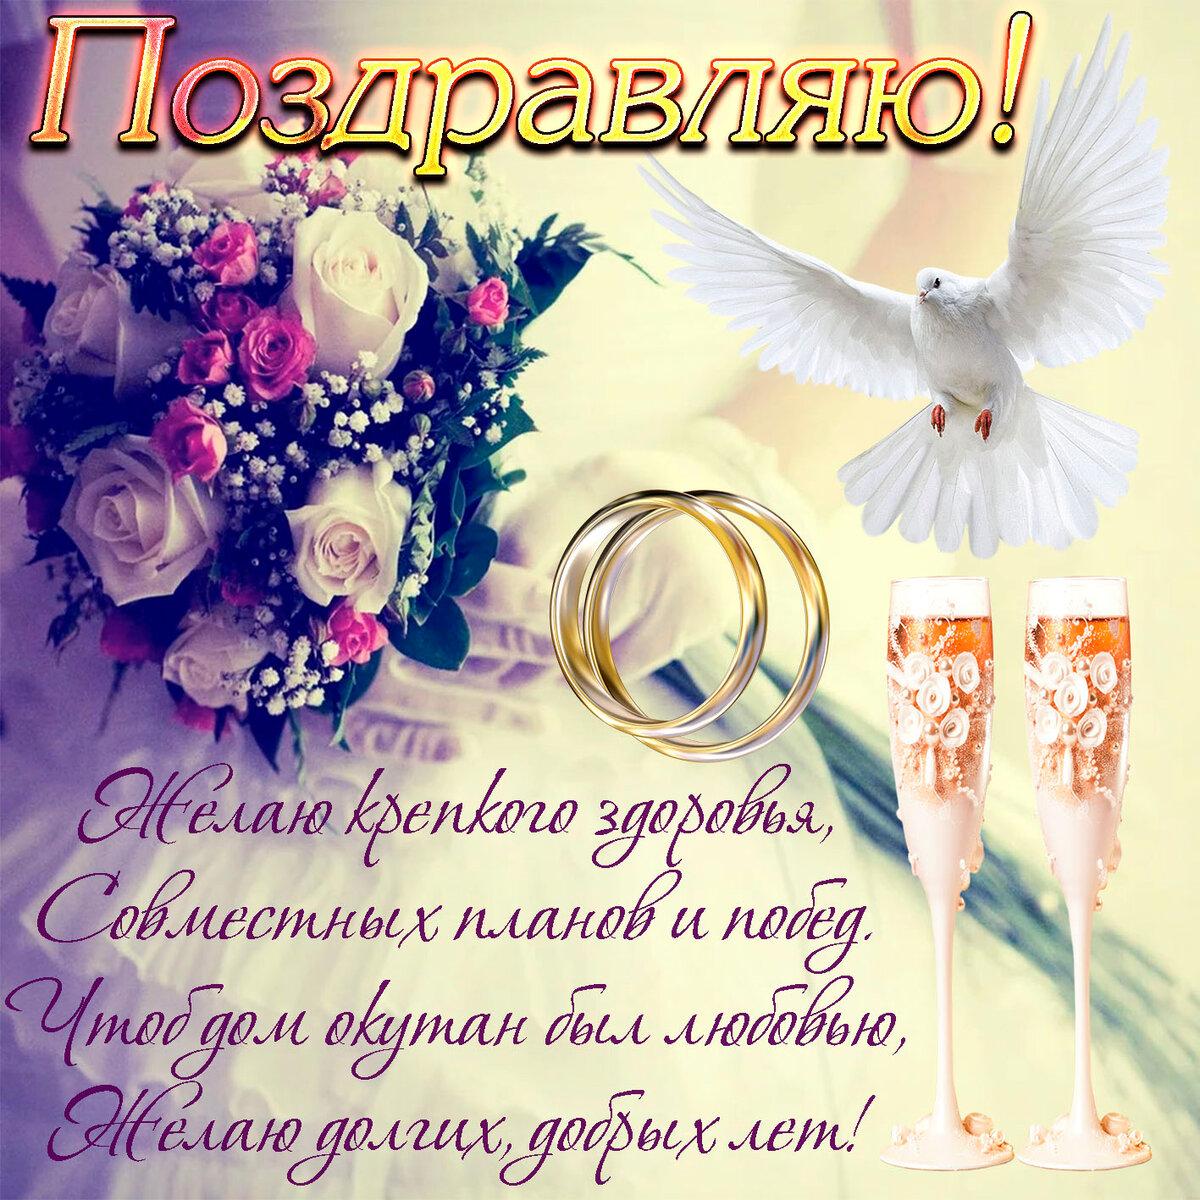 Поздравлению с годовщиной совместной жизни